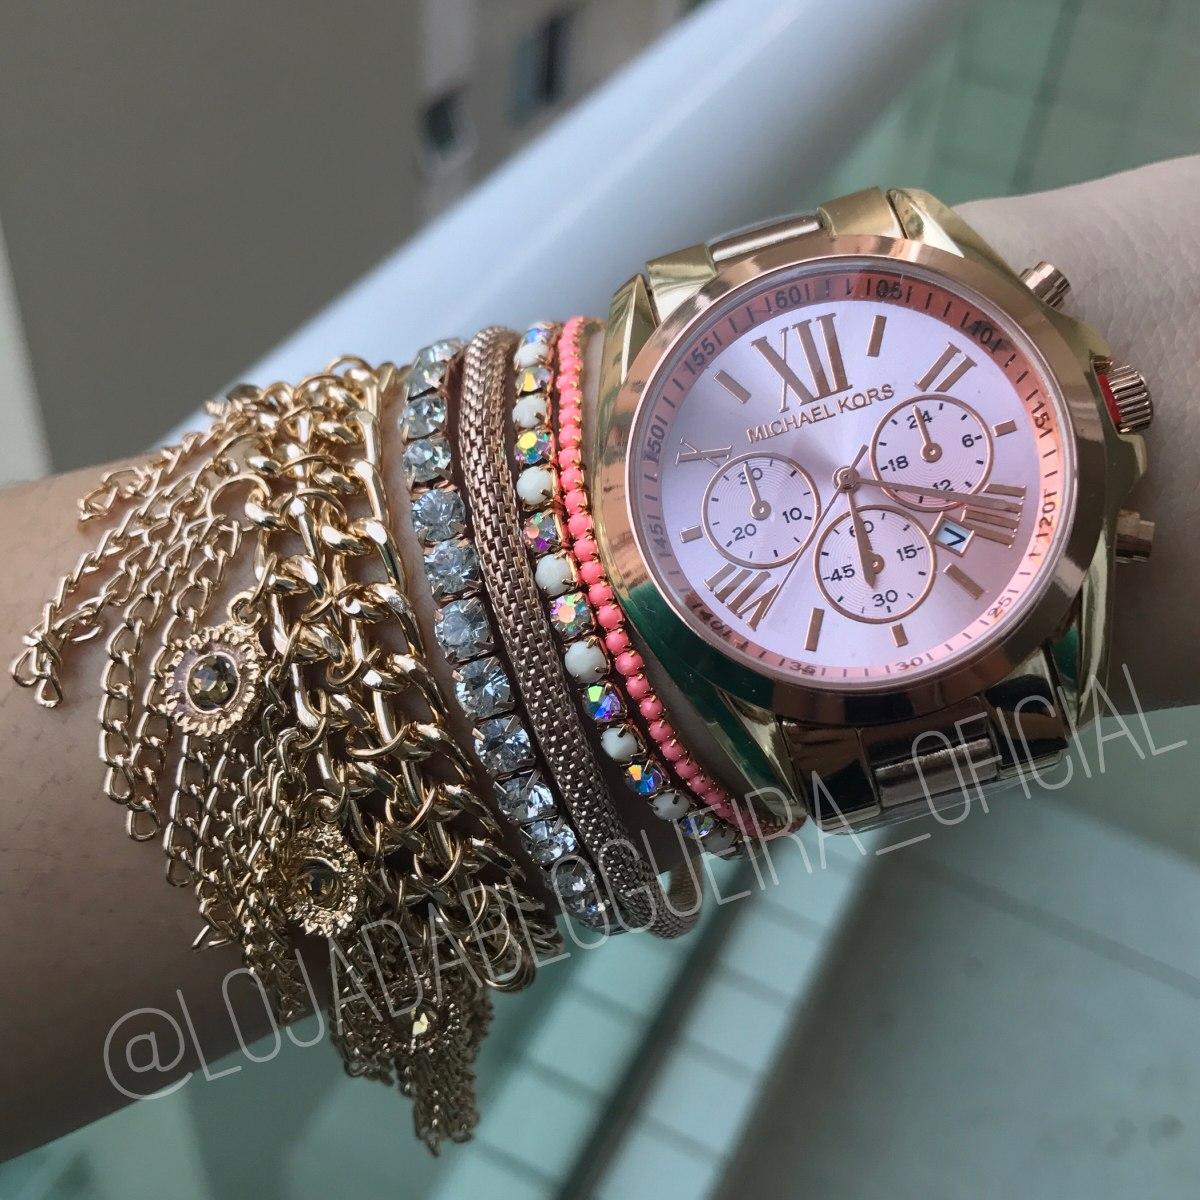 5d4a554c002 relógio michael kors dourado e rose + pulseiras + frete. Carregando zoom.